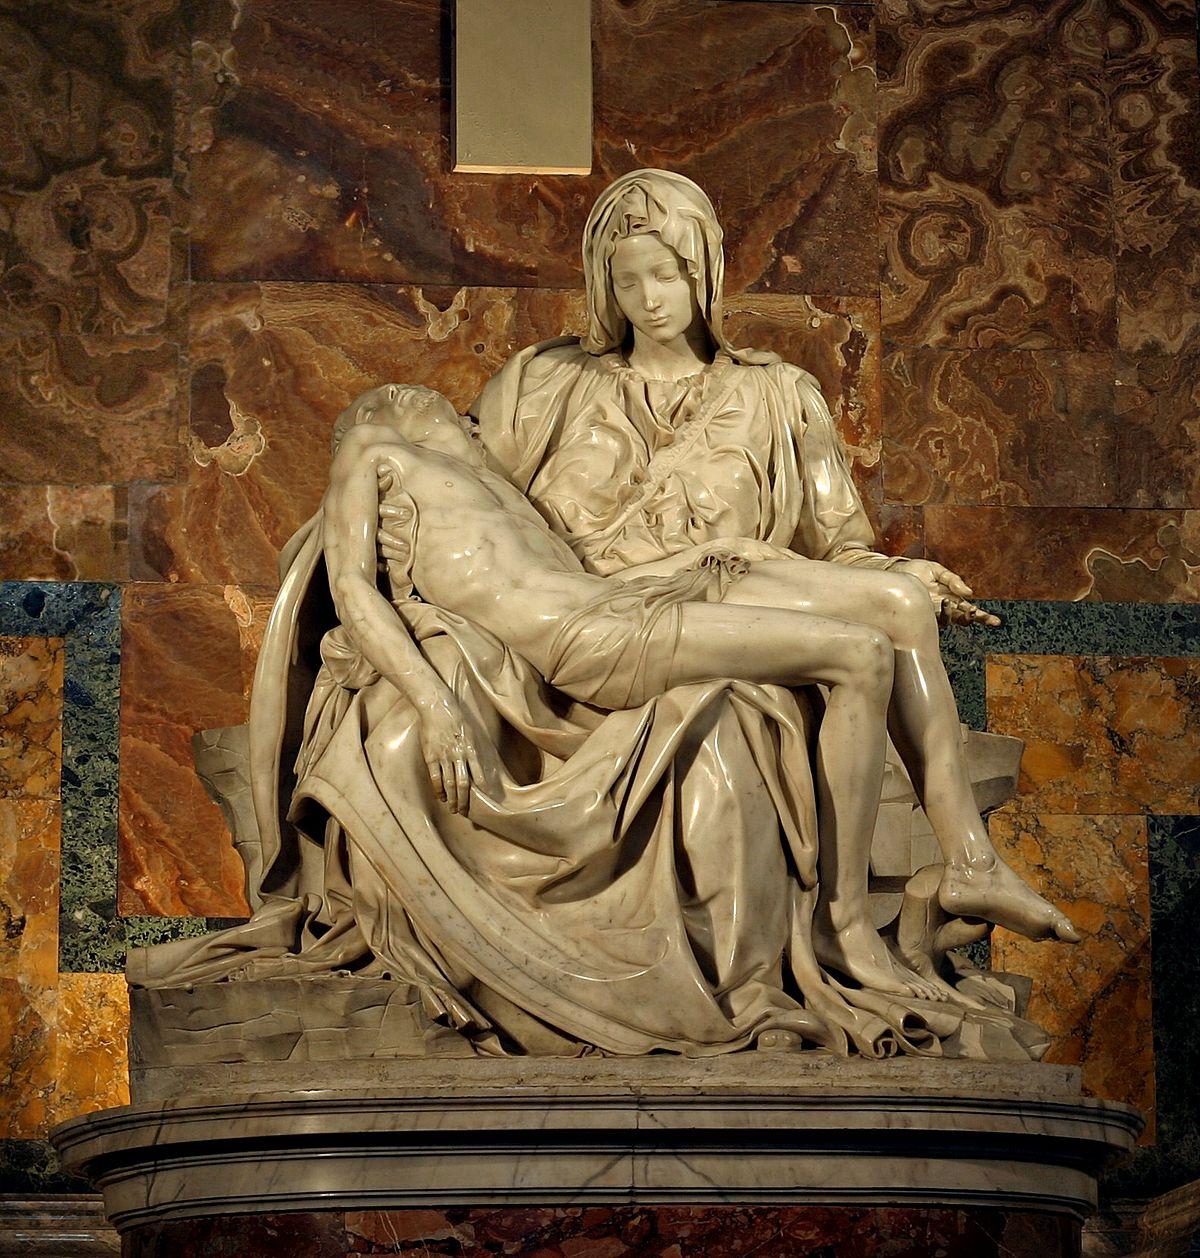 Piedad de Michelangelo Buonarroti - Escultura de Miguel Ángel